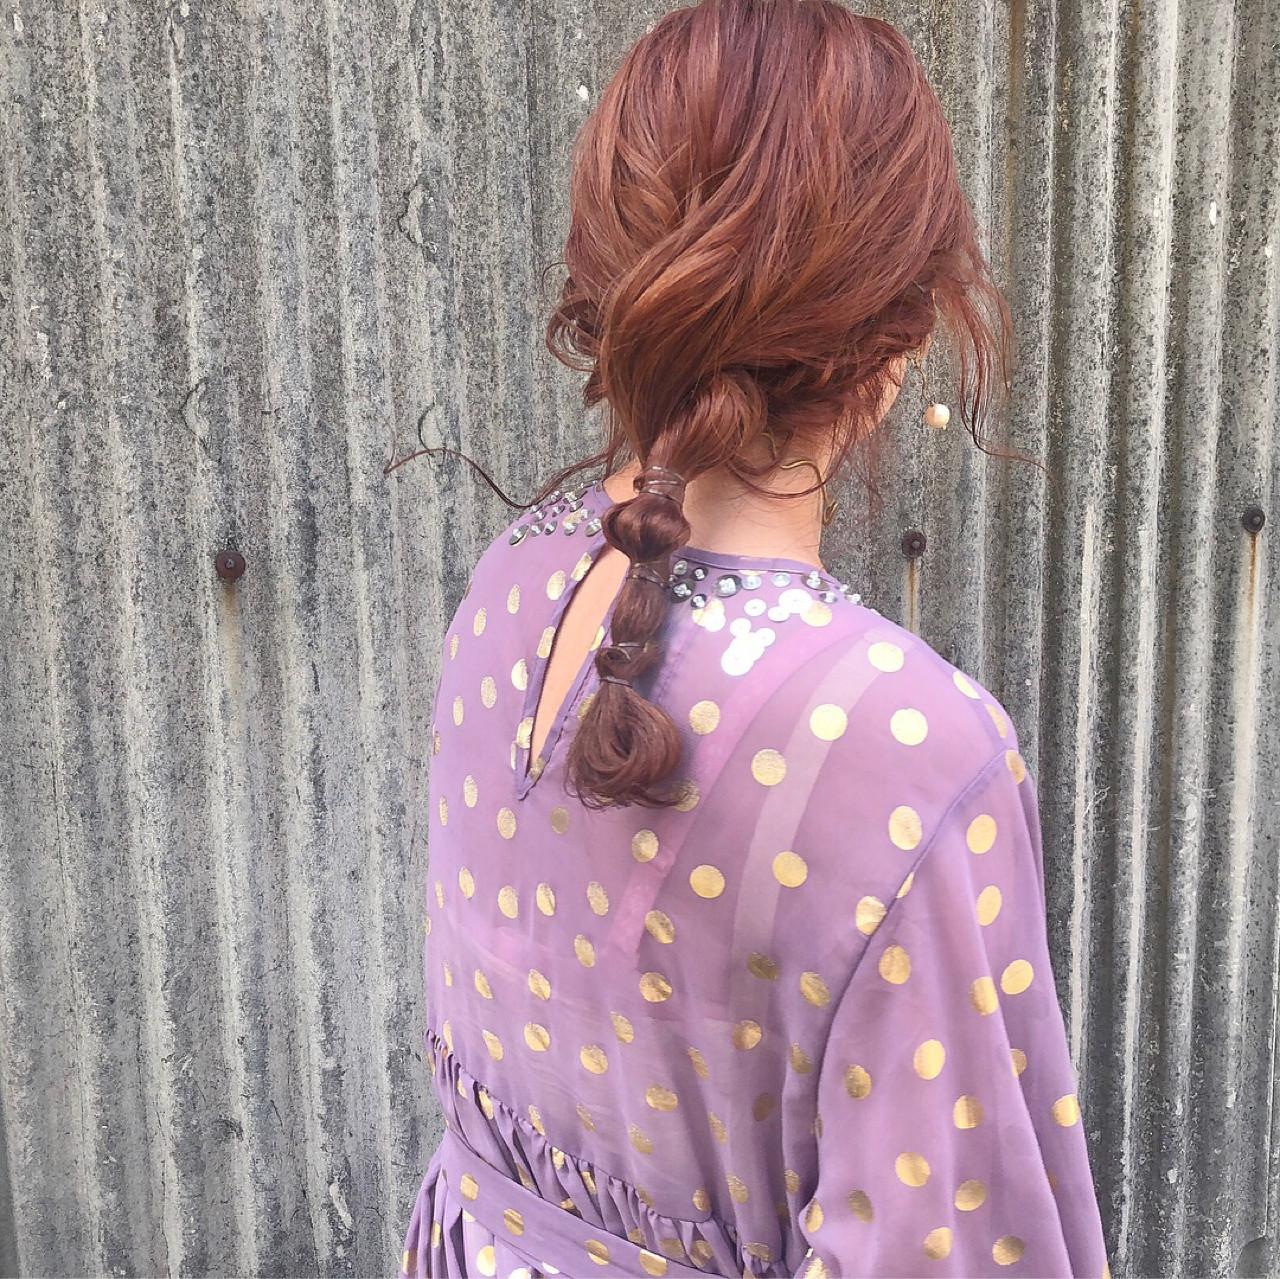 ヘアアレンジ レッド デート ピンク ヘアスタイルや髪型の写真・画像 | 藤田成美 / bado